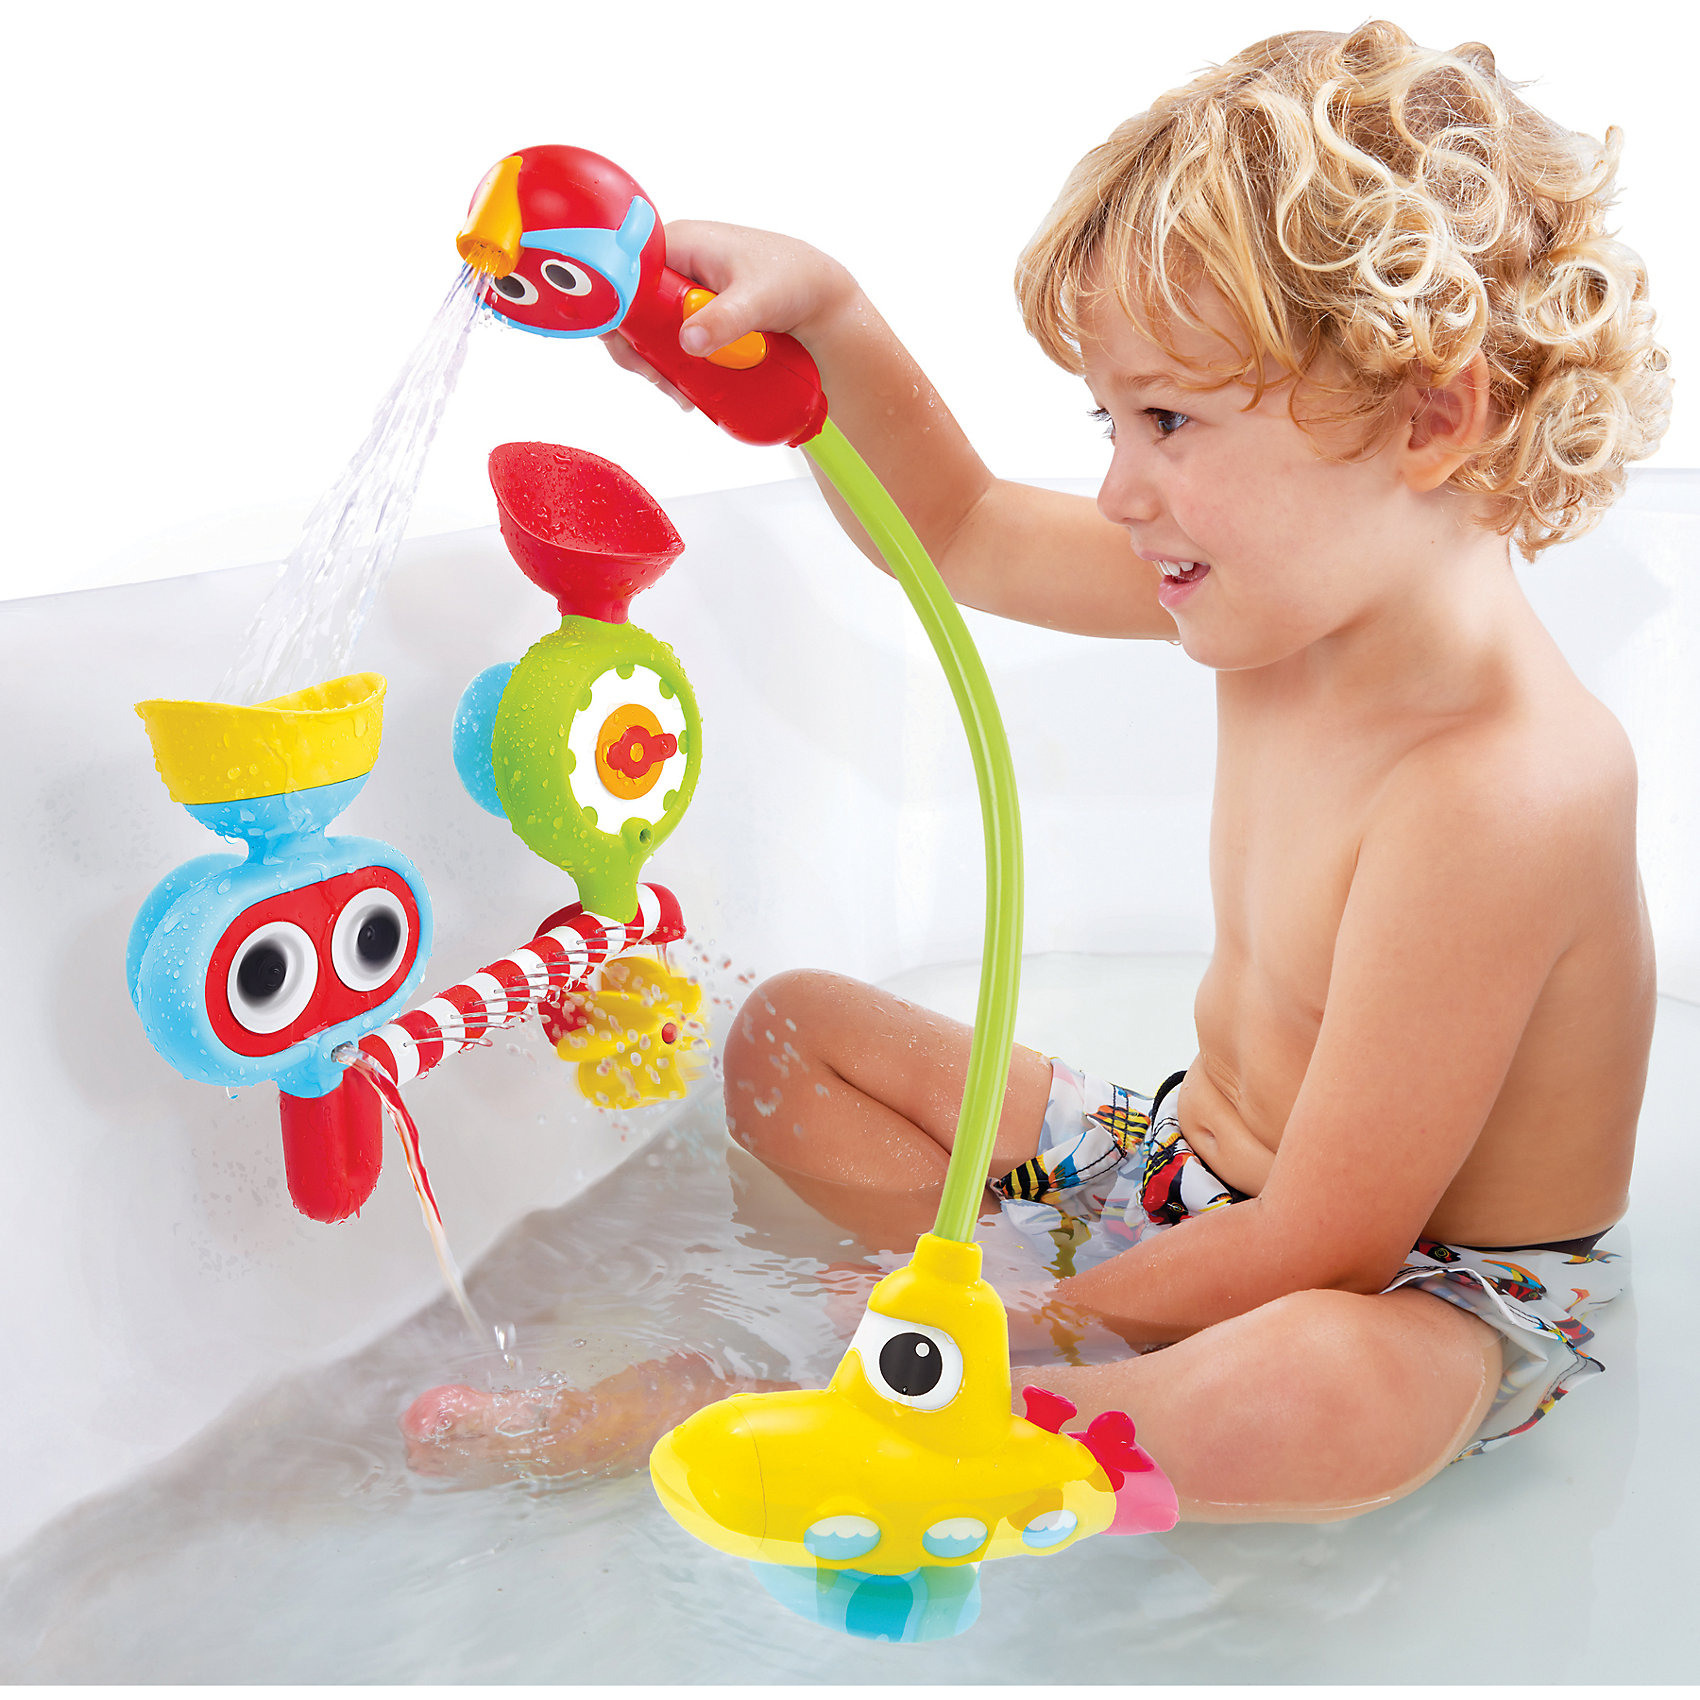 Подводная лодка Поливочная станция, YookidooИгрушки для ванной<br>Подводная лодка Поливочная станция, Yookidoo, позабавит и развлечет Вашего малыша во время купания. Красочная подводная лодка оснащена насосом, в нее можно набирать воду и через шланг заливать в любую из двух форм-воронок, которые закрепляются присосками на стенке ванны. Мини-душ на конце шланга выполнен в виде забавной фигурки и имеет форму, удобную для детских ручек. Выпустить воду из душа можно одним движением, нужно лишь сдавить кнопки на ручке. Наливая воду в воронки малыш увидит забавные эффекты: в воронке в форме часов вода раскручивает пропеллер и стрелку на корпусе, через другую вода попадает в полосатую трубу и вытекает через множество мелких отверстий. При этом глаза на воронке вращаются. Игрушка способствует развитию логического мышления, зрительного и тактильного восприятия, координации движений и мелкой моторики. <br><br>Дополнительная информация:<br><br>- В комплекте: подводная лодка со шлангом и мини-душем, поливочная станция на присосках.<br>- Материал: пластик.<br>- Требуются батарейки: 4 х АА (в комплект не входят).<br>- Размер поливочной станции: 20,5 х 23 х 7 см.<br>- Размер лодки: 15 х 11 х 6,5 см.<br>- Размер упаковки: 28 х 9 х 39 см.<br>- Вес: 0,83 кг.<br><br>Подводную лодку Поливочная станция, Yookidoo, можно купить в нашем интернет-магазине.<br><br>Ширина мм: 28<br>Глубина мм: 39<br>Высота мм: 9<br>Вес г: 830<br>Возраст от месяцев: 24<br>Возраст до месяцев: 36<br>Пол: Унисекс<br>Возраст: Детский<br>SKU: 4244273